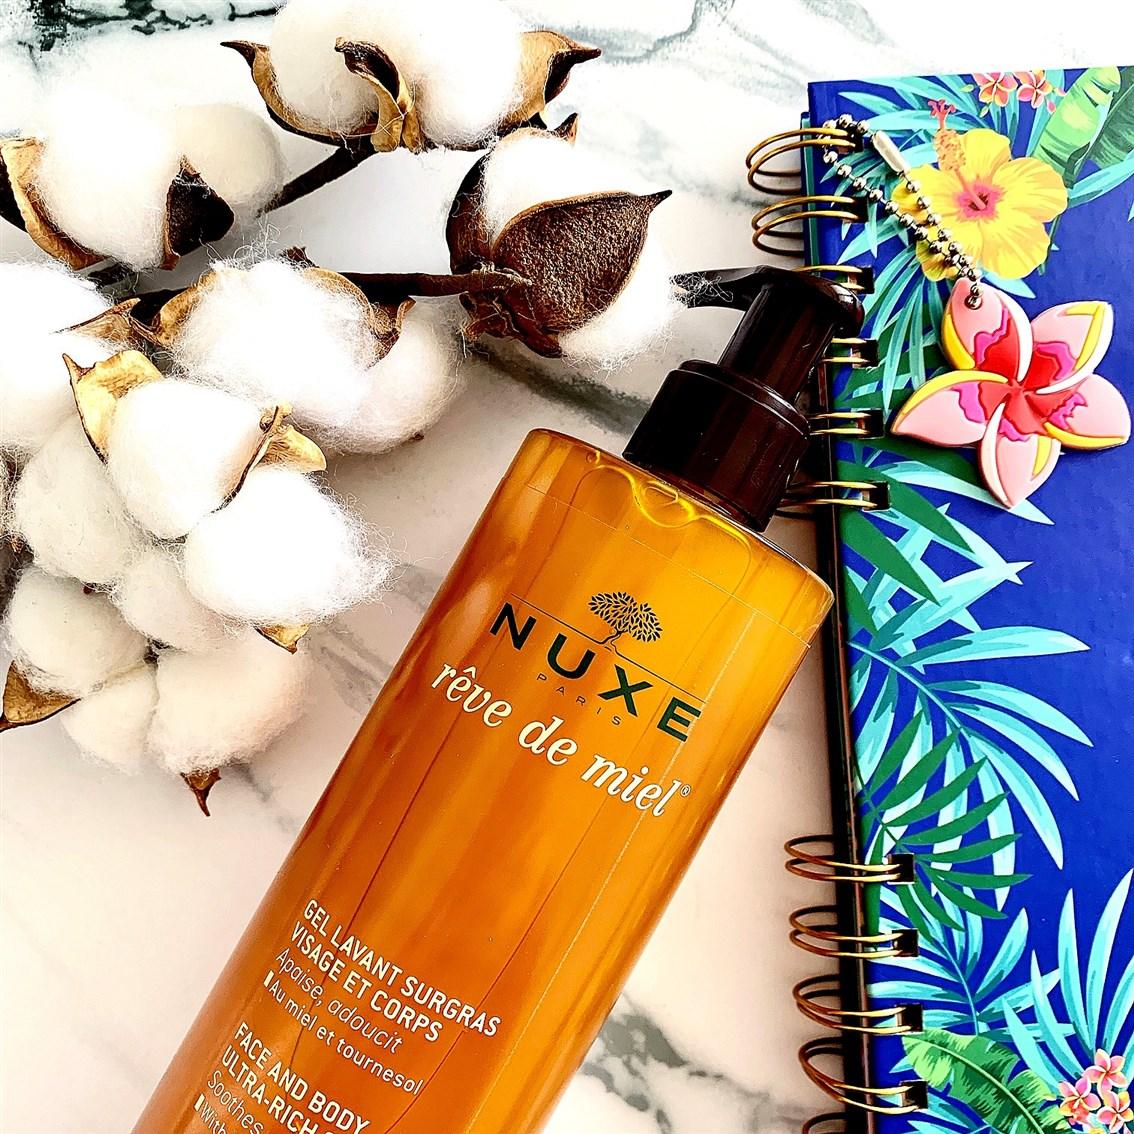 Nuxe Reve de Miel żel do mycia twarzy i ciała opinie blog